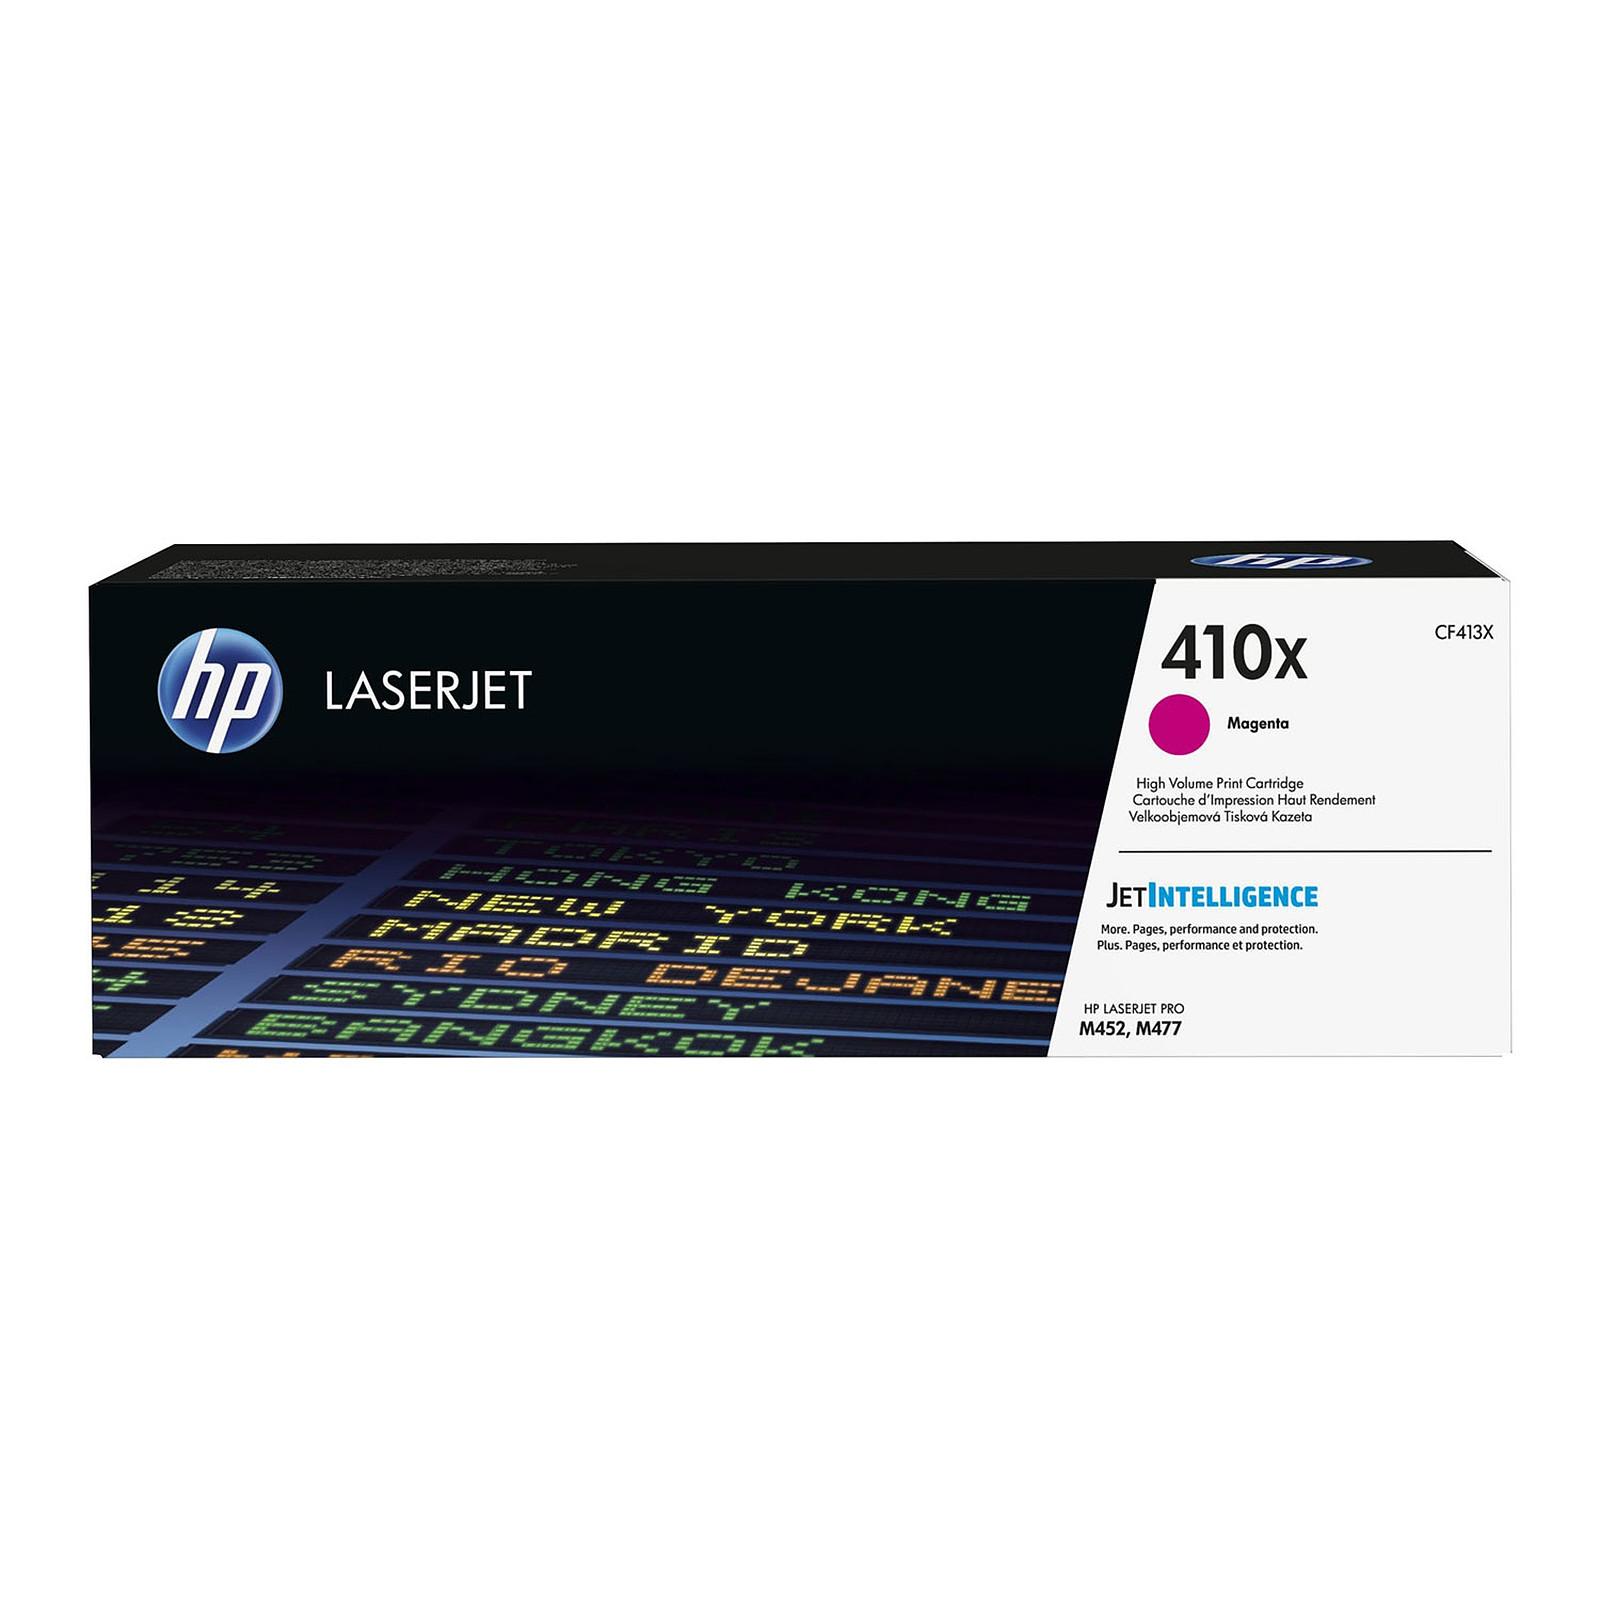 HP LaserJet 410X (CF413X)